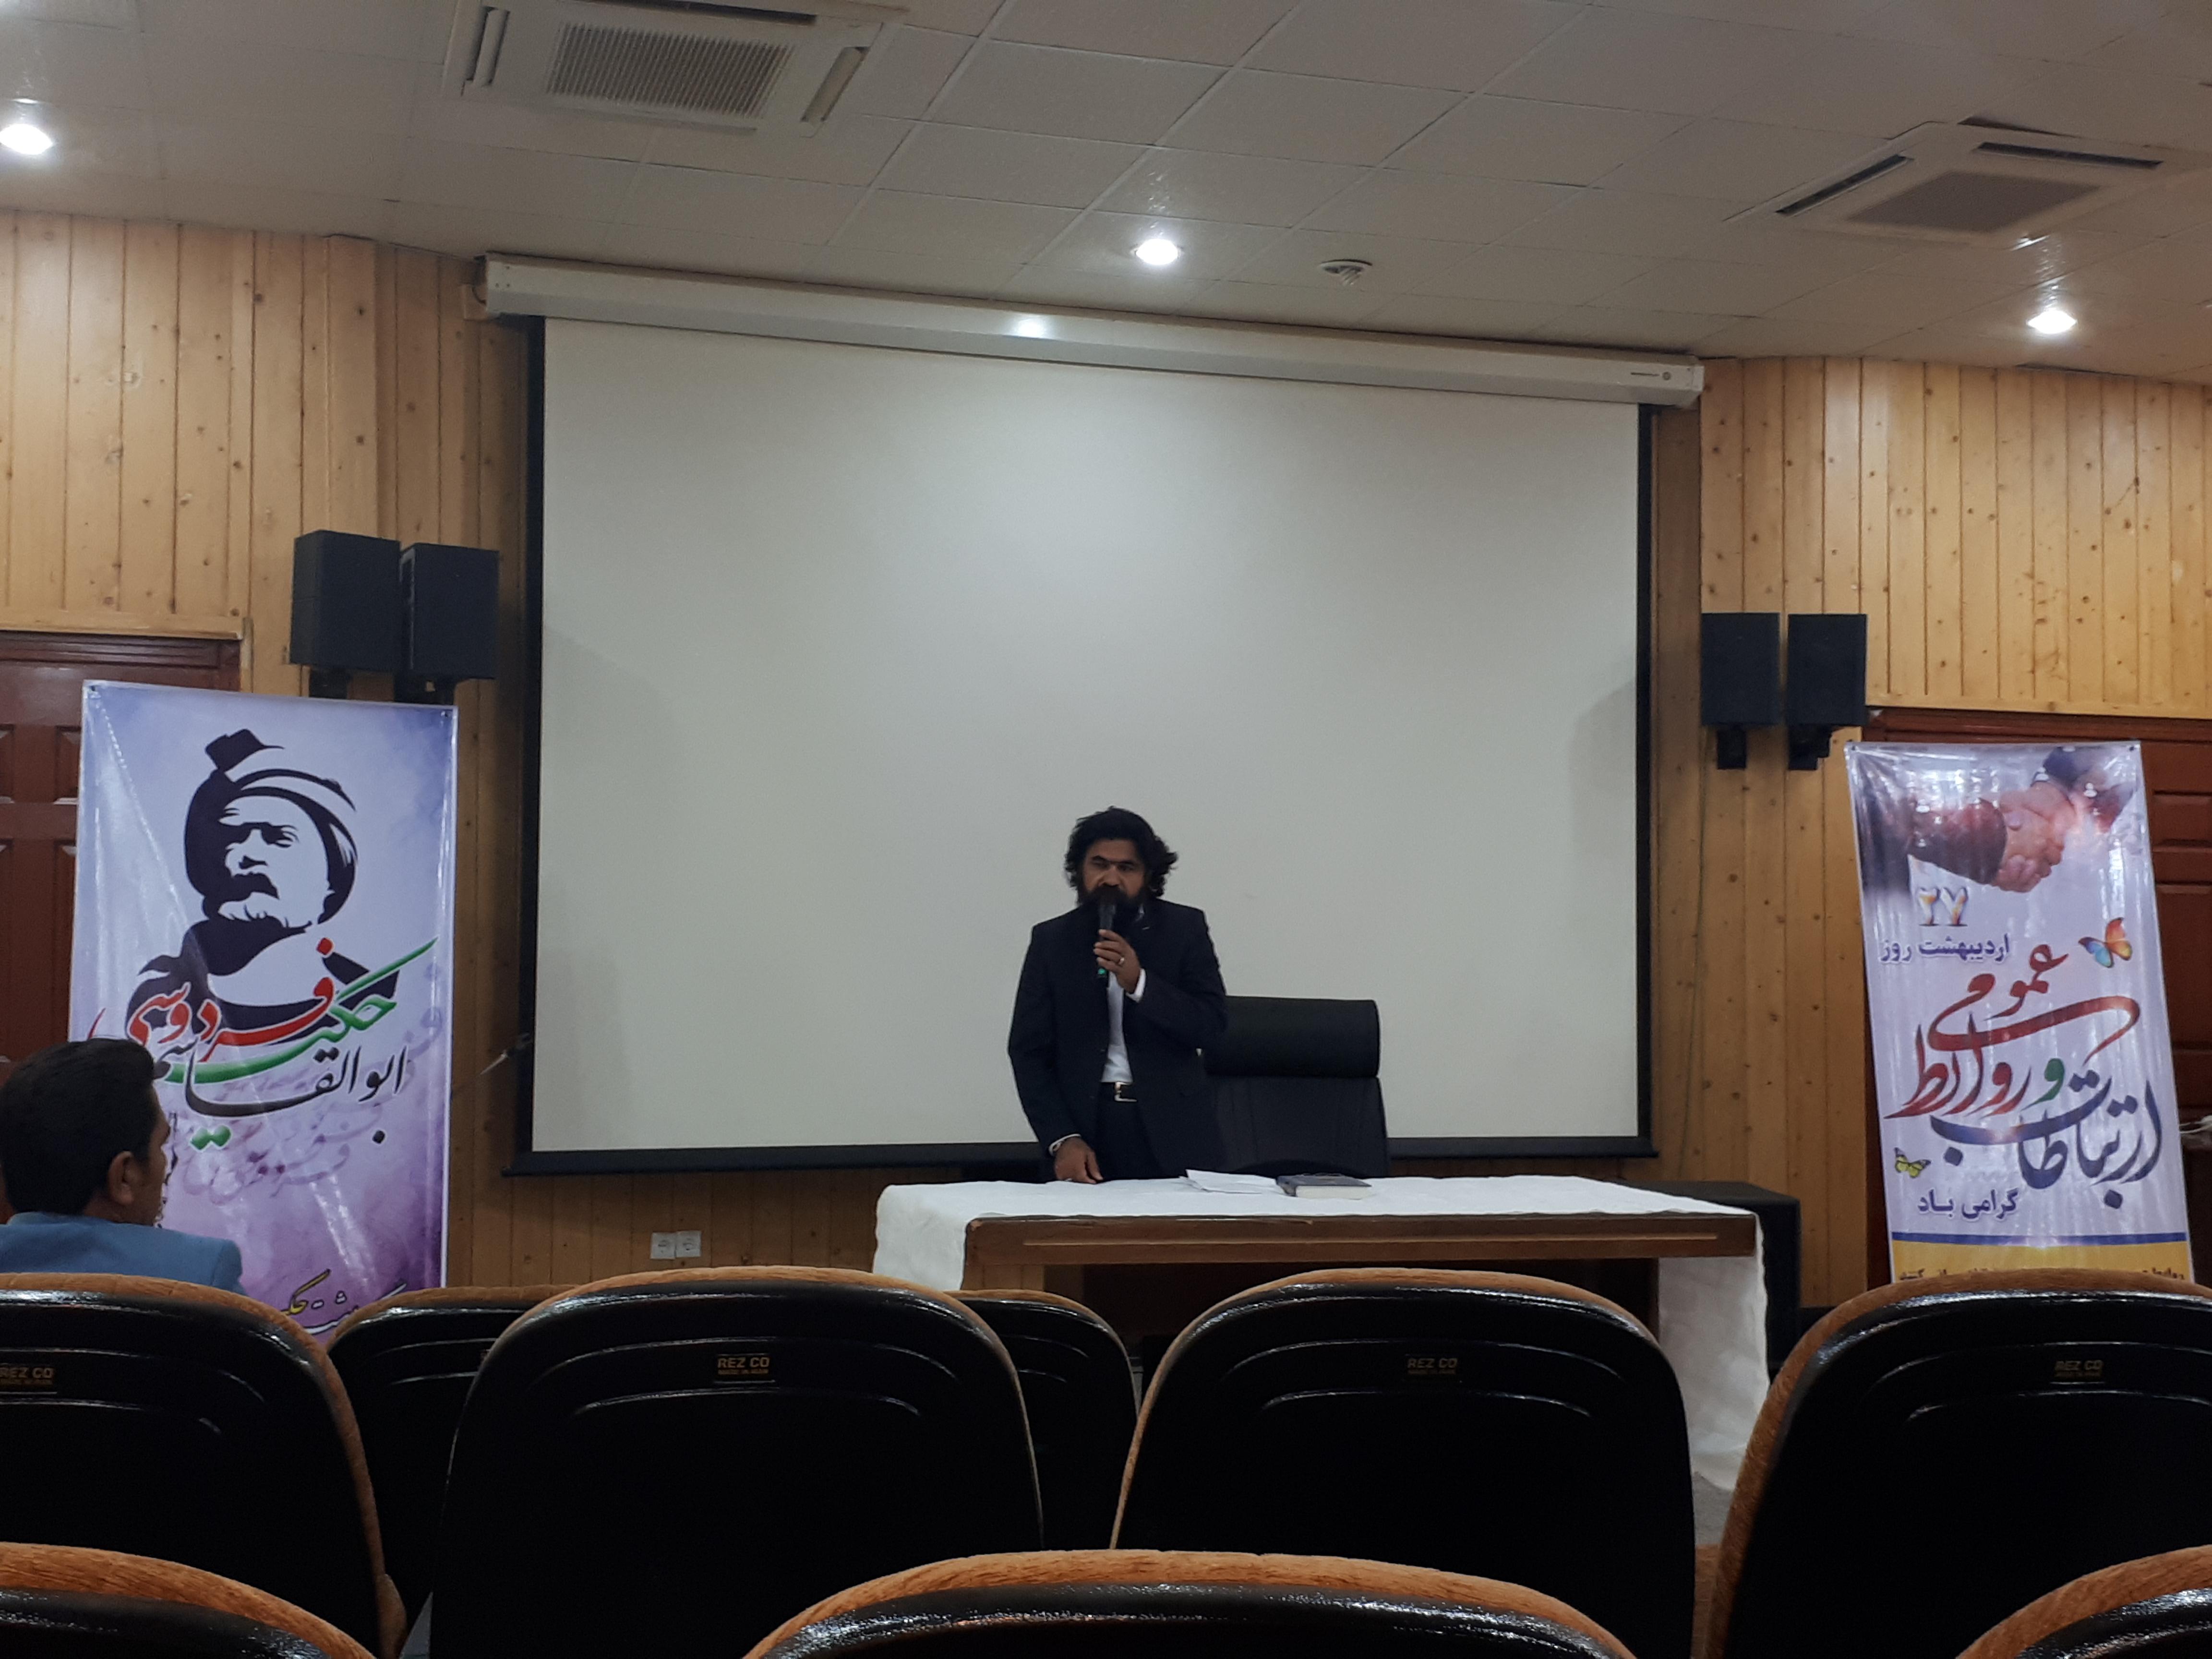 همایش روز ارتباطات و روز فردوسی در سد کارون ۳ برگزار شد